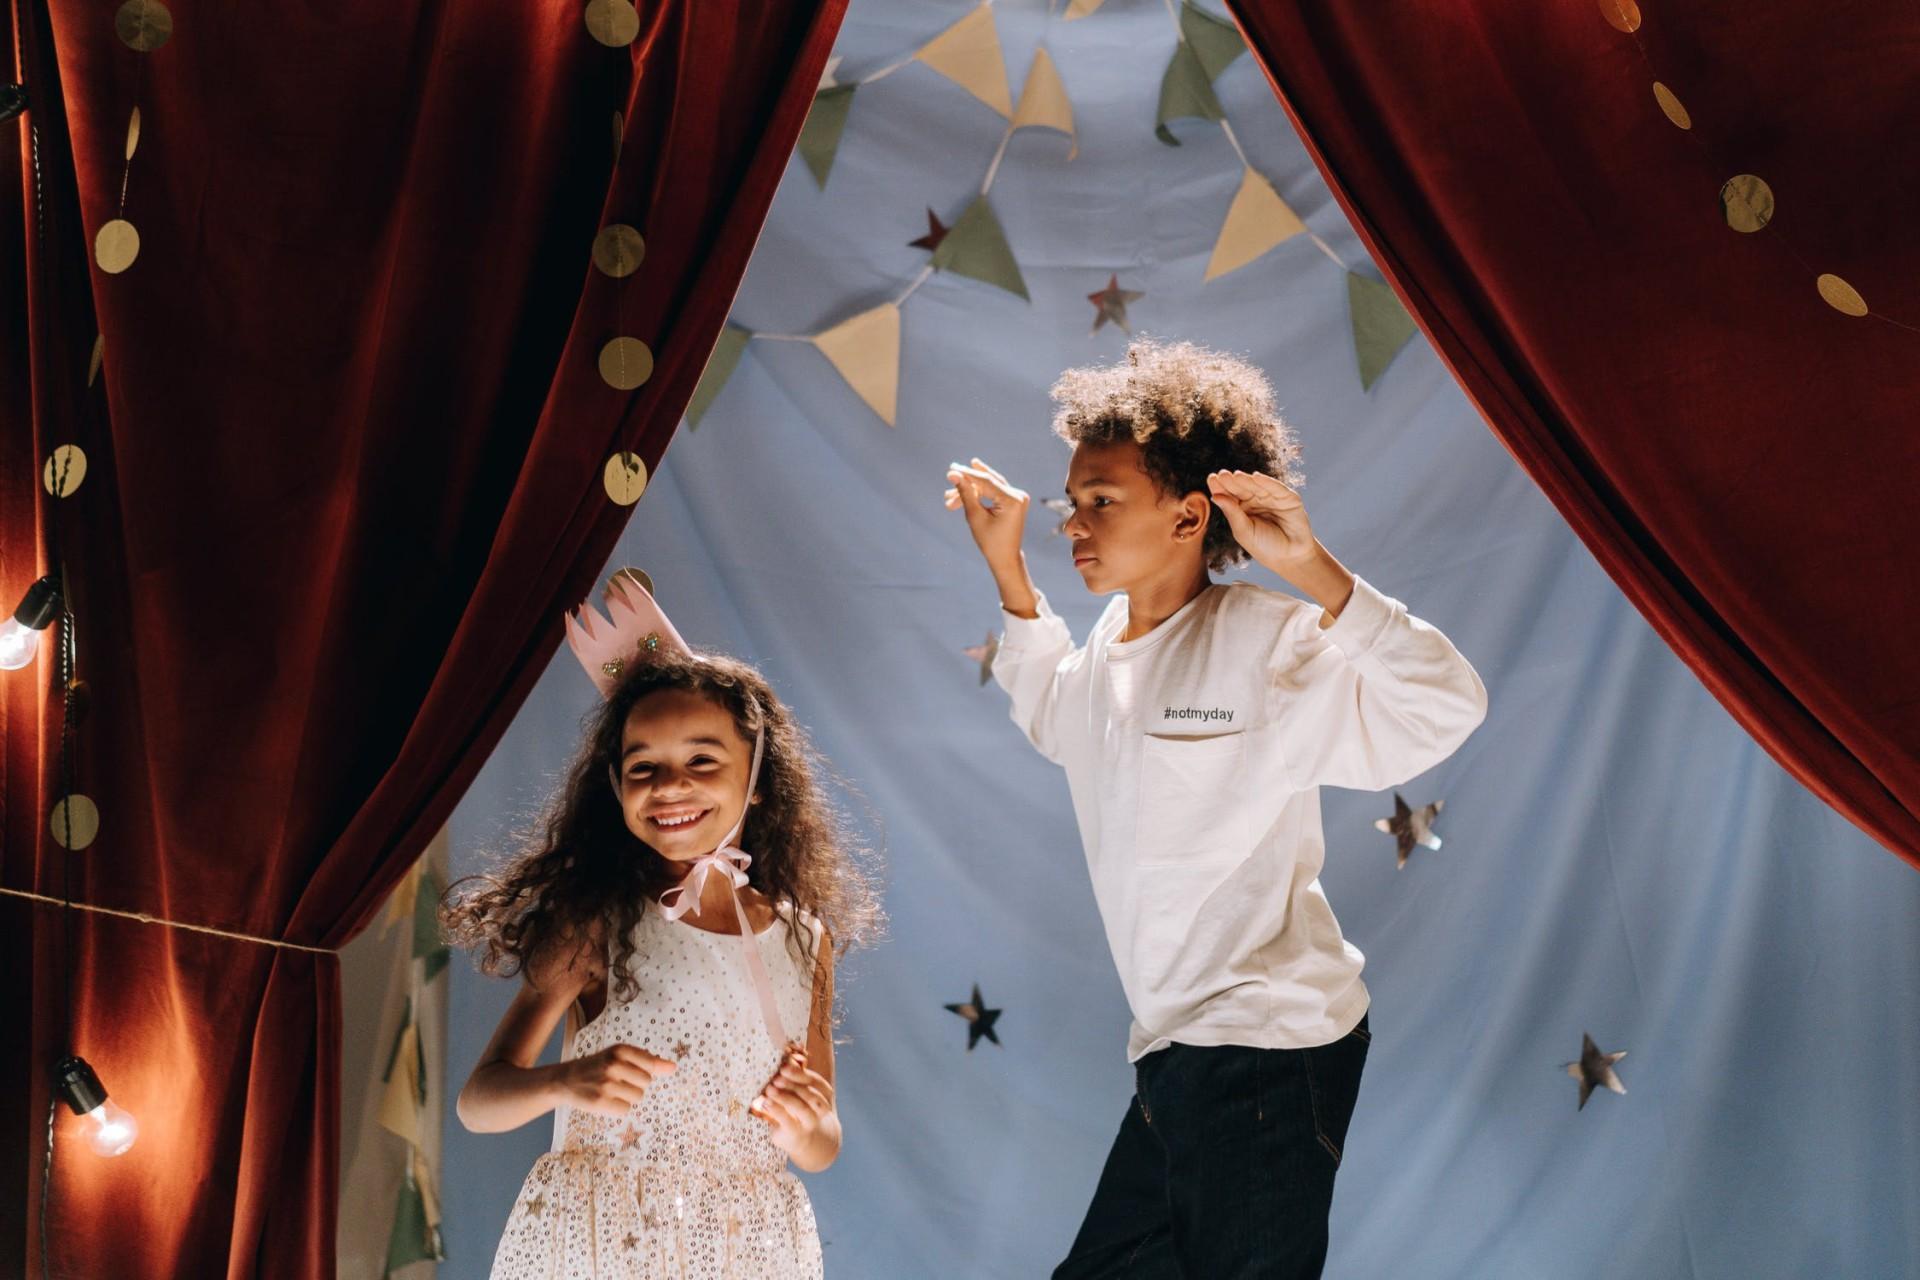 Junge und Mädchen stehen auf einer dekorierten Bühne